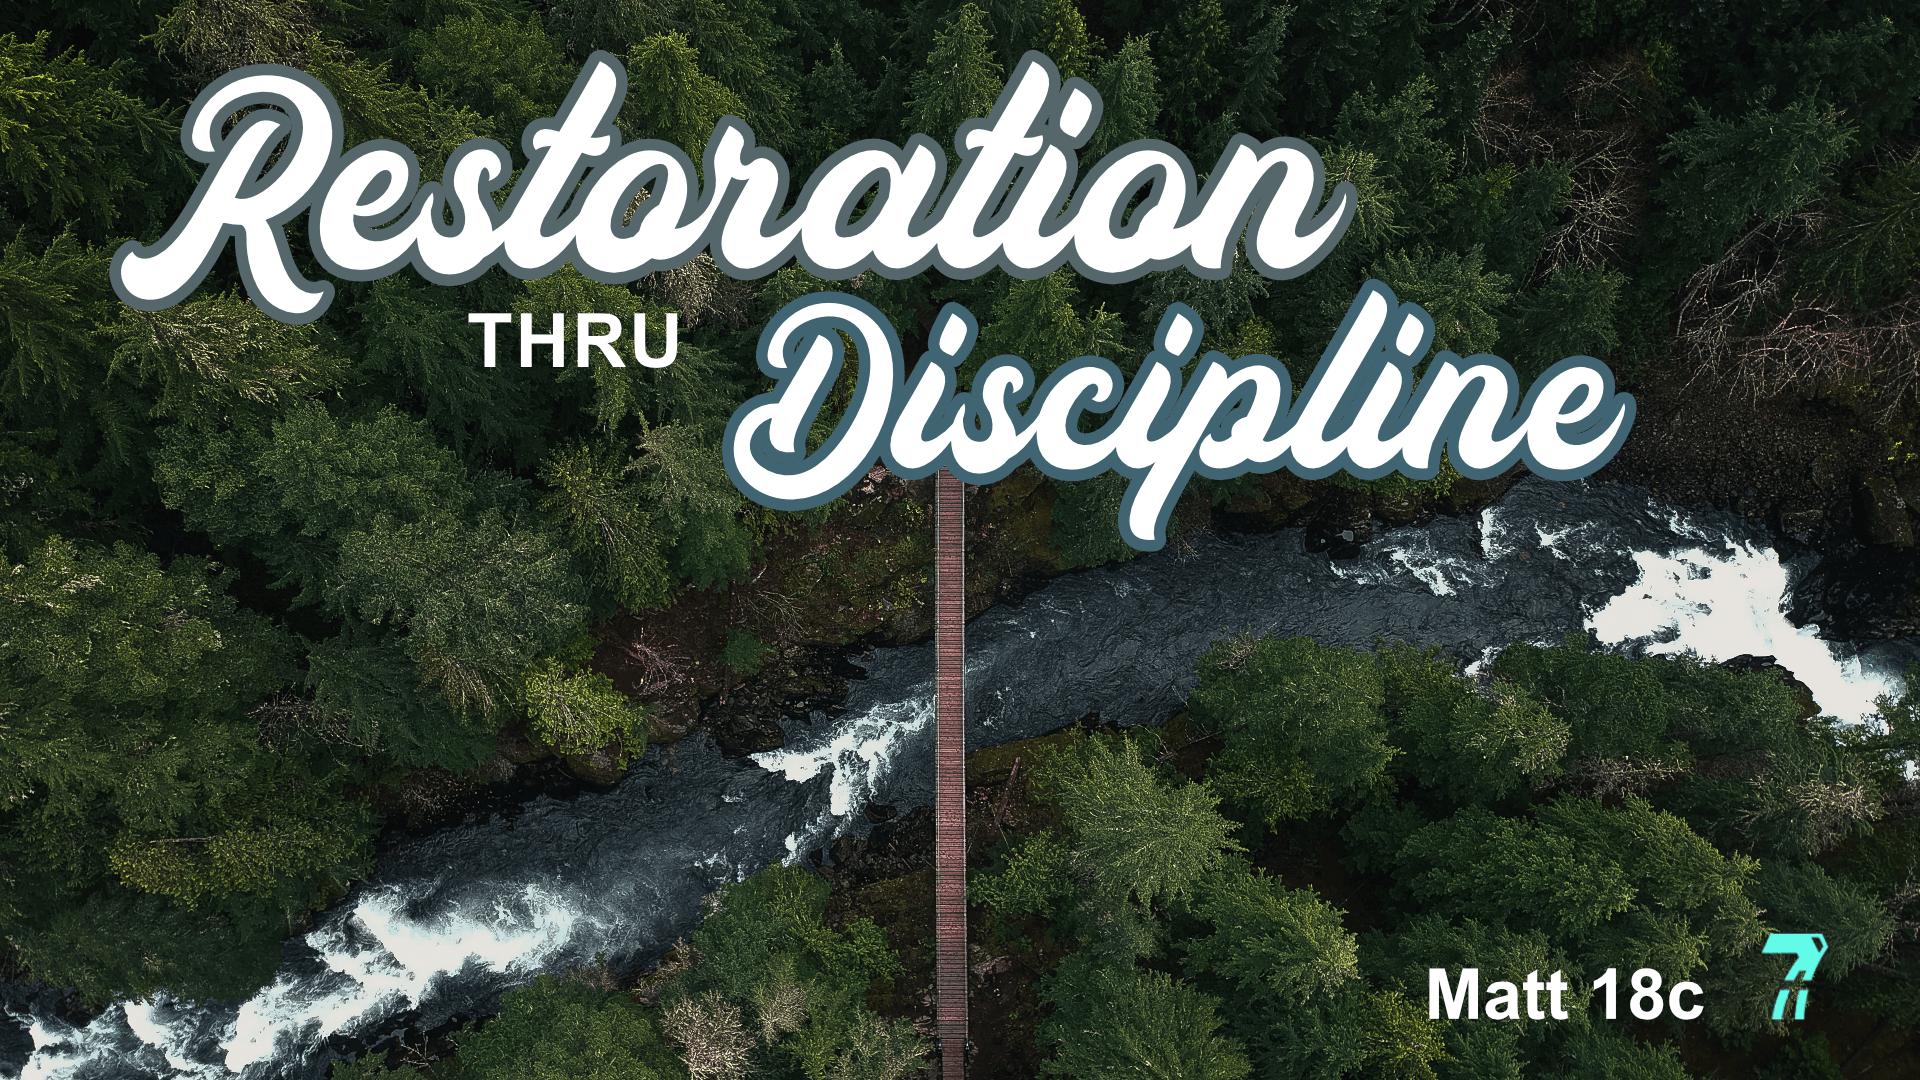 Matthew 18c – Restoration thru Discipline